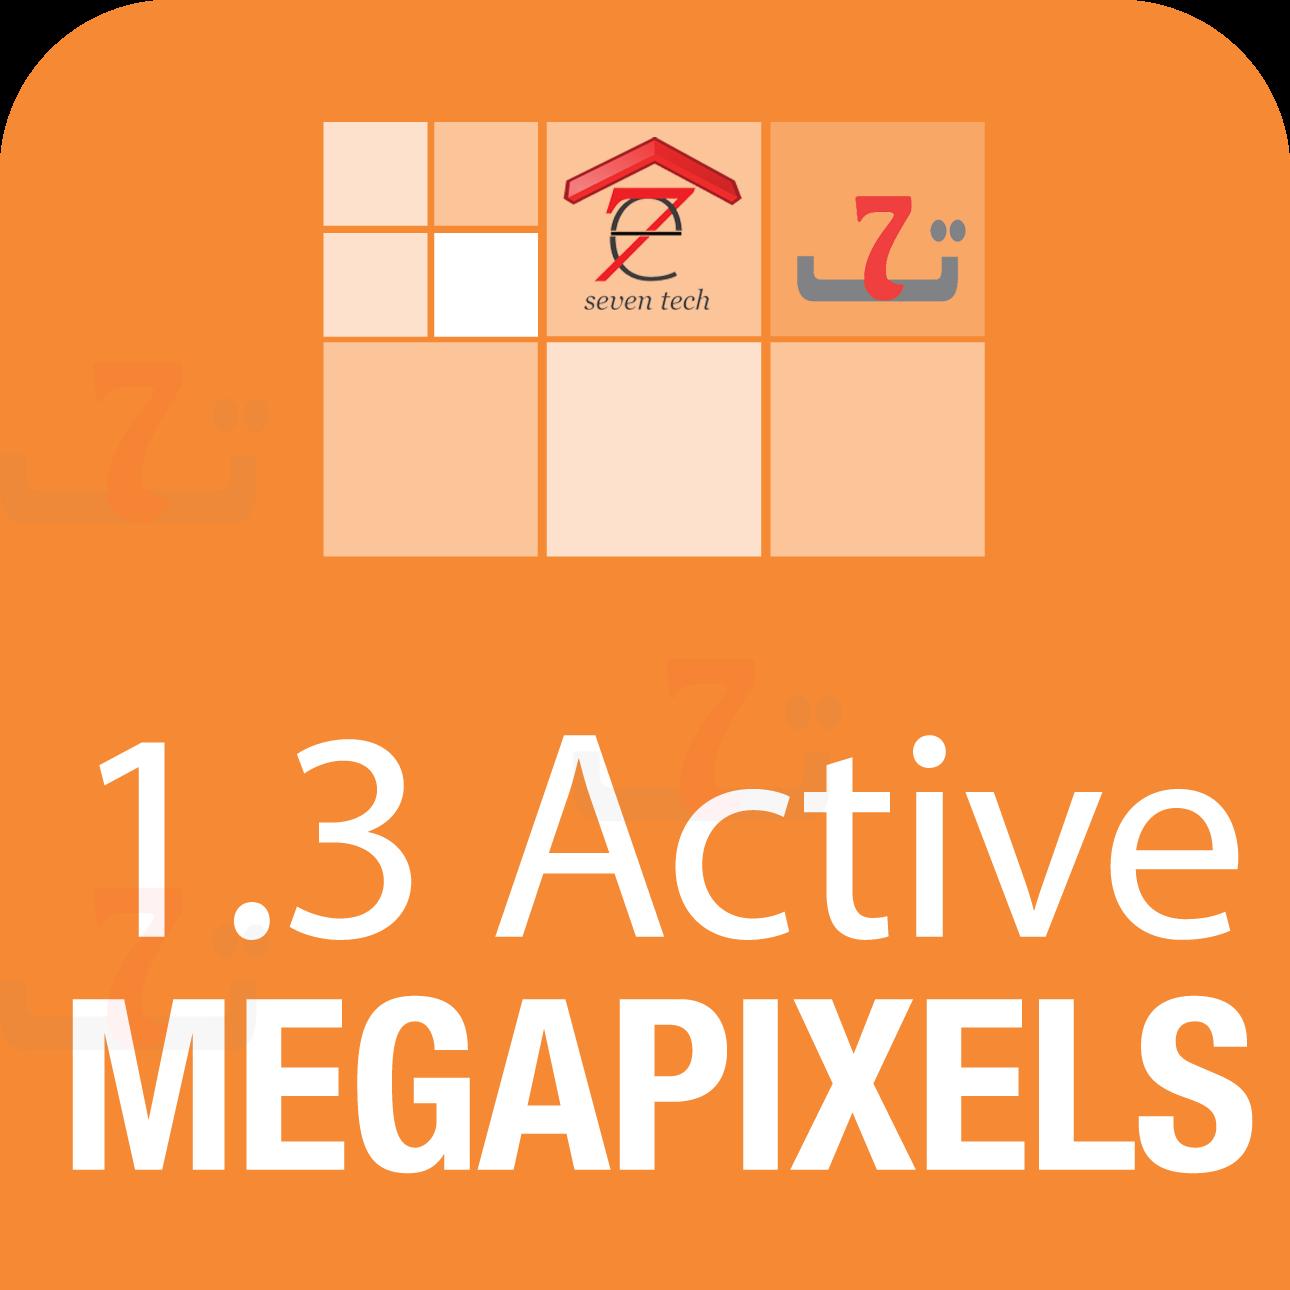 1.3 Active Megapixels